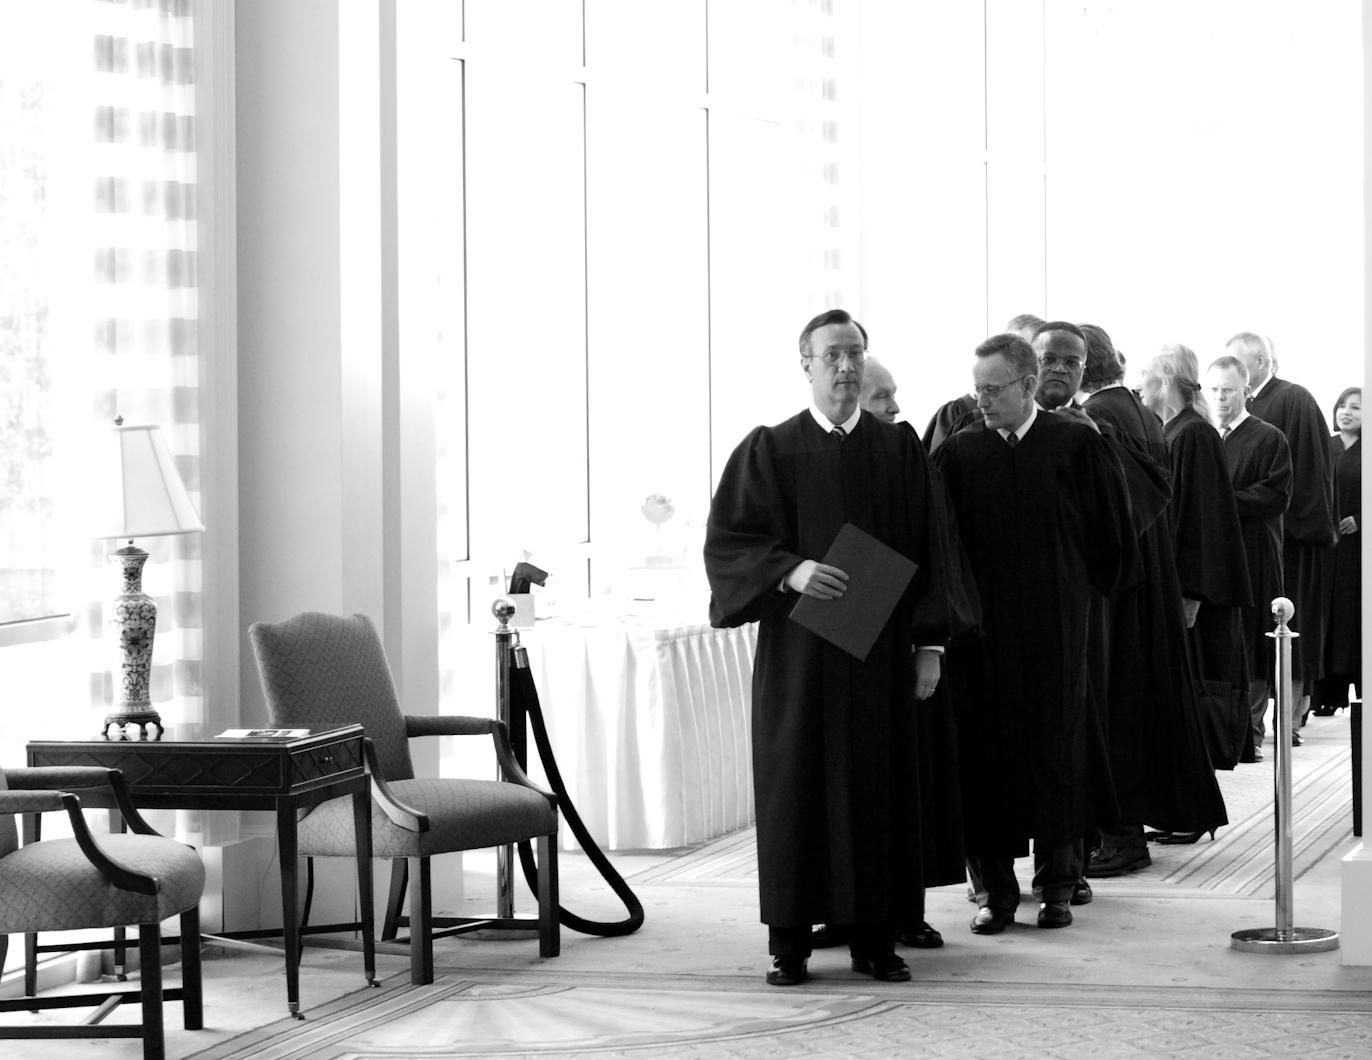 Os/As magistrados/as em Portugal frente à sua mediatização e feminização